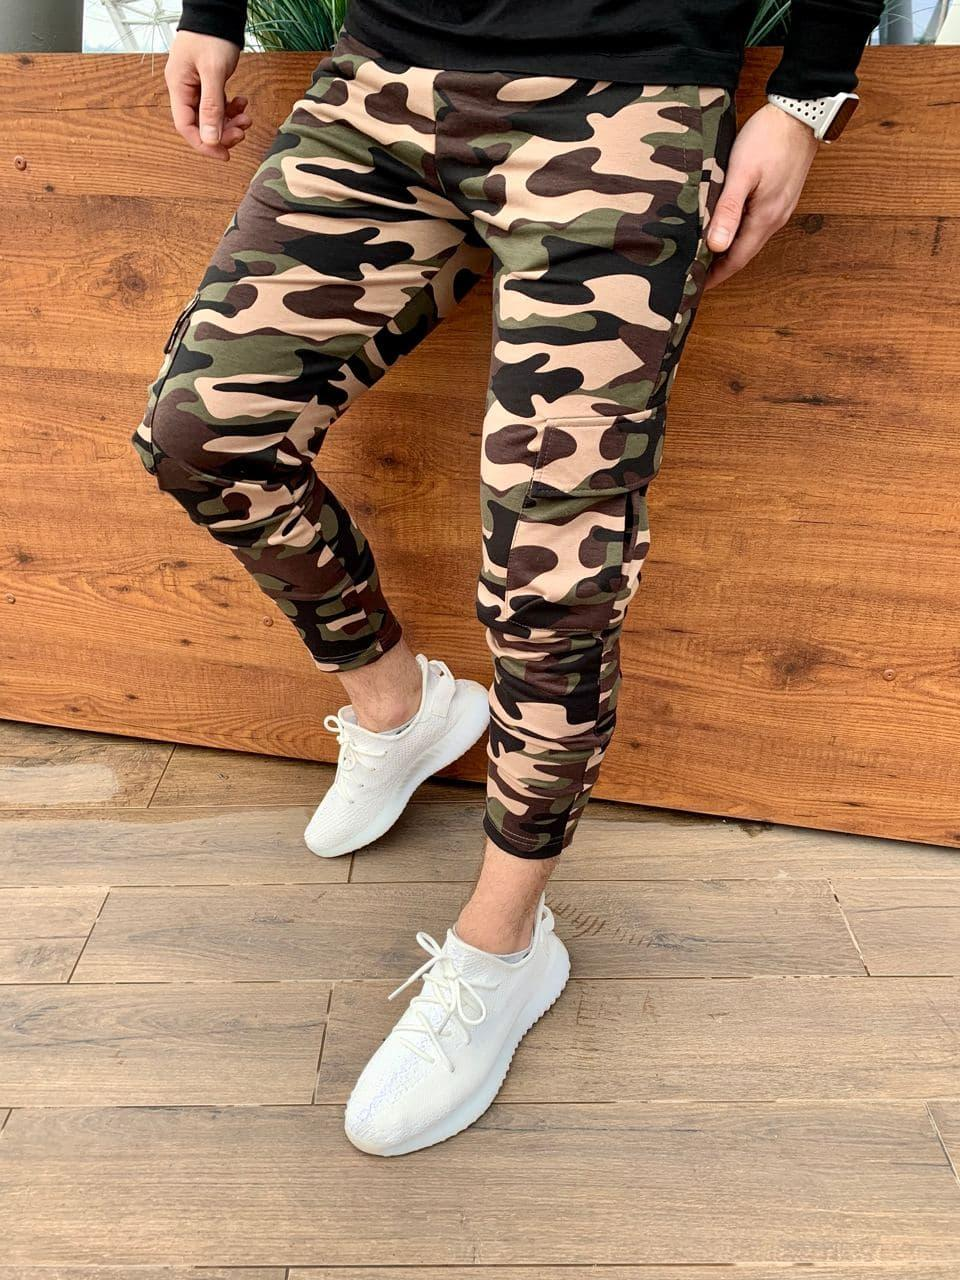 Штаны мужские Карго Слим камуфляжные. Стильные мужские спортивные штаны карго камуфляж.